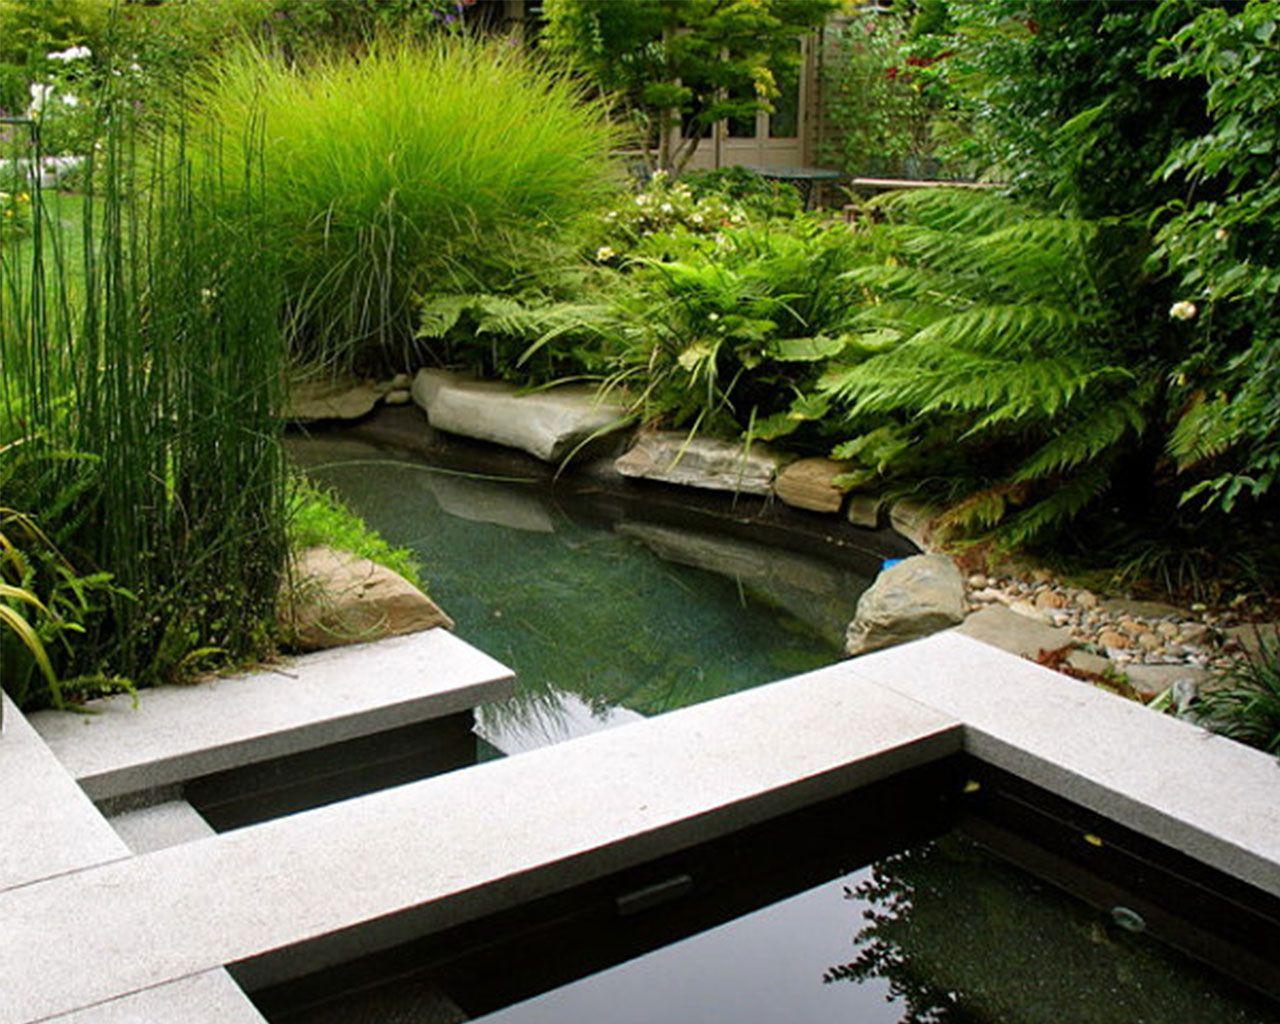 Garden Ponds Design Ideas Inspiration Water Features In The Garden Garden Pond Design Pond Design